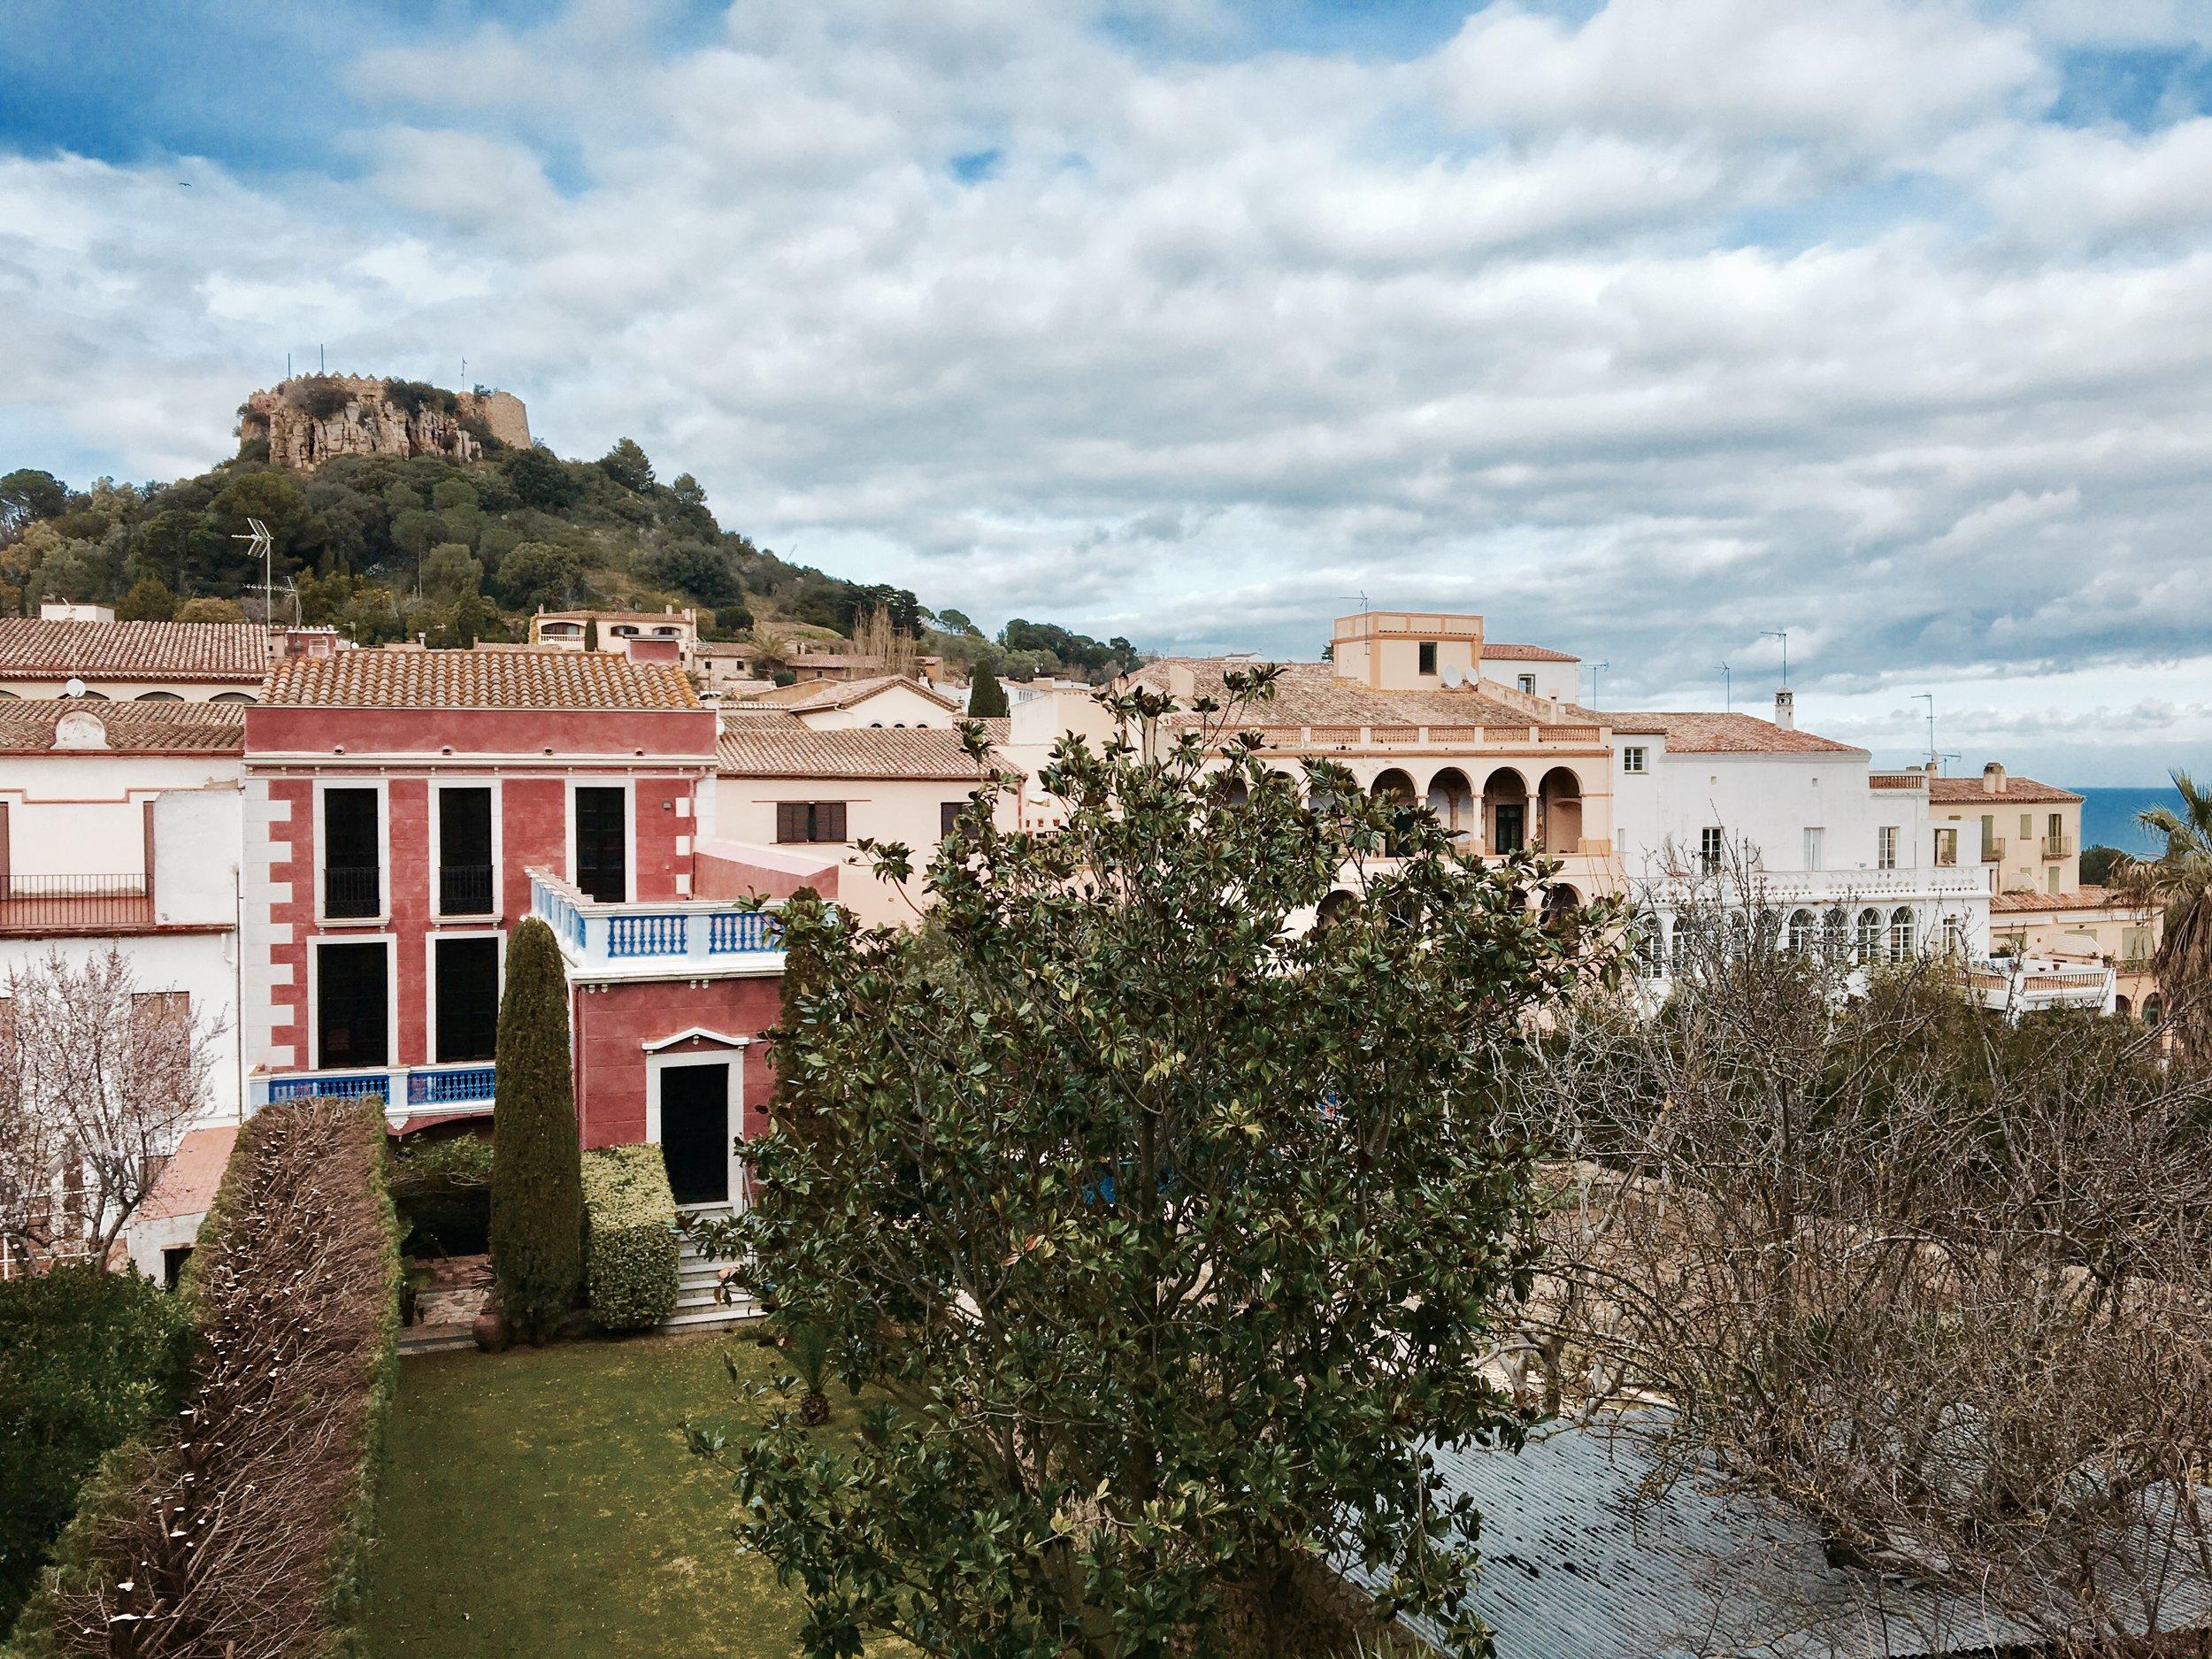 BEGUR - SPAIN | 10 February 2016